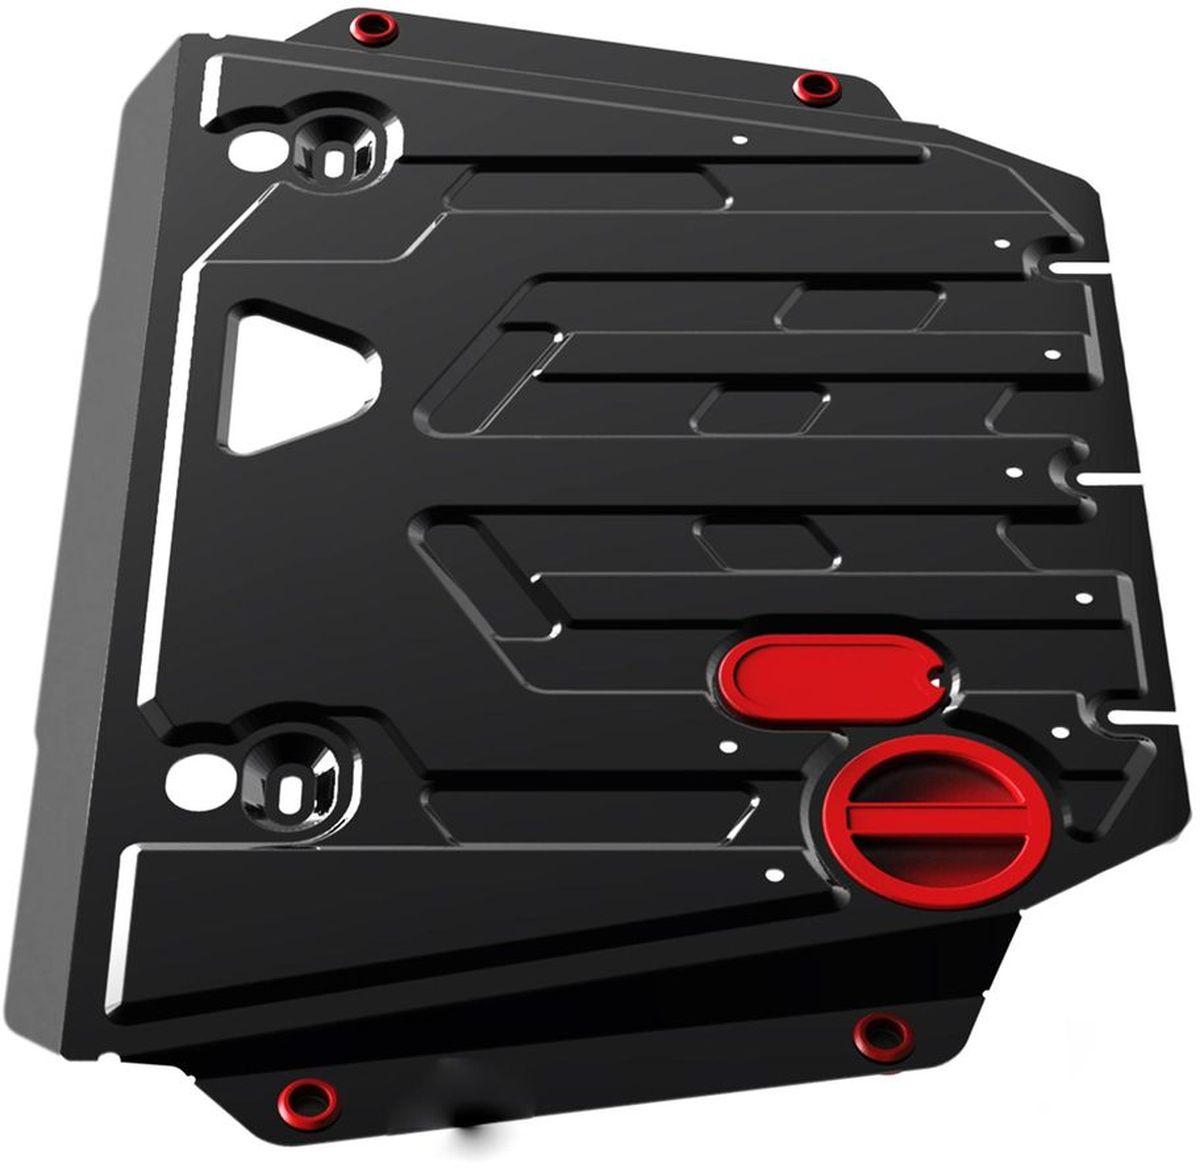 Защита картера и КПП Автоброня, для Audi 80, V - все, кроме 1,6D; 1,9D (1986-1994-)111.00325.1Технологически совершенный продукт за невысокую стоимость. Защита разработана с учетом особенностей днища автомобиля, что позволяет сохранить дорожный просвет с минимальным изменением. Защита устанавливается в штатные места кузова автомобиля. Глубокий штамп обеспечивает до двух раз больше жесткости в сравнении с обычной защитой той же толщины. Проштампованные ребра жесткости препятствуют деформации защиты при ударах. Тепловой зазор и вентиляционные отверстия обеспечивают сохранение температурного режима двигателя в норме. Скрытый крепеж предотвращает срыв крепежных элементов при наезде на препятствие. Шумопоглощающие резиновые элементы обеспечивают комфортную езду без вибраций и скрежета металла, а съемные лючки для слива масла и замены фильтра - экономию средств и время. Конструкция изделия не влияет на пассивную безопасность автомобиля (при ударе защита не воздействует на деформационные зоны кузова). Со штатным крепежом. В комплекте инструкция по установке....